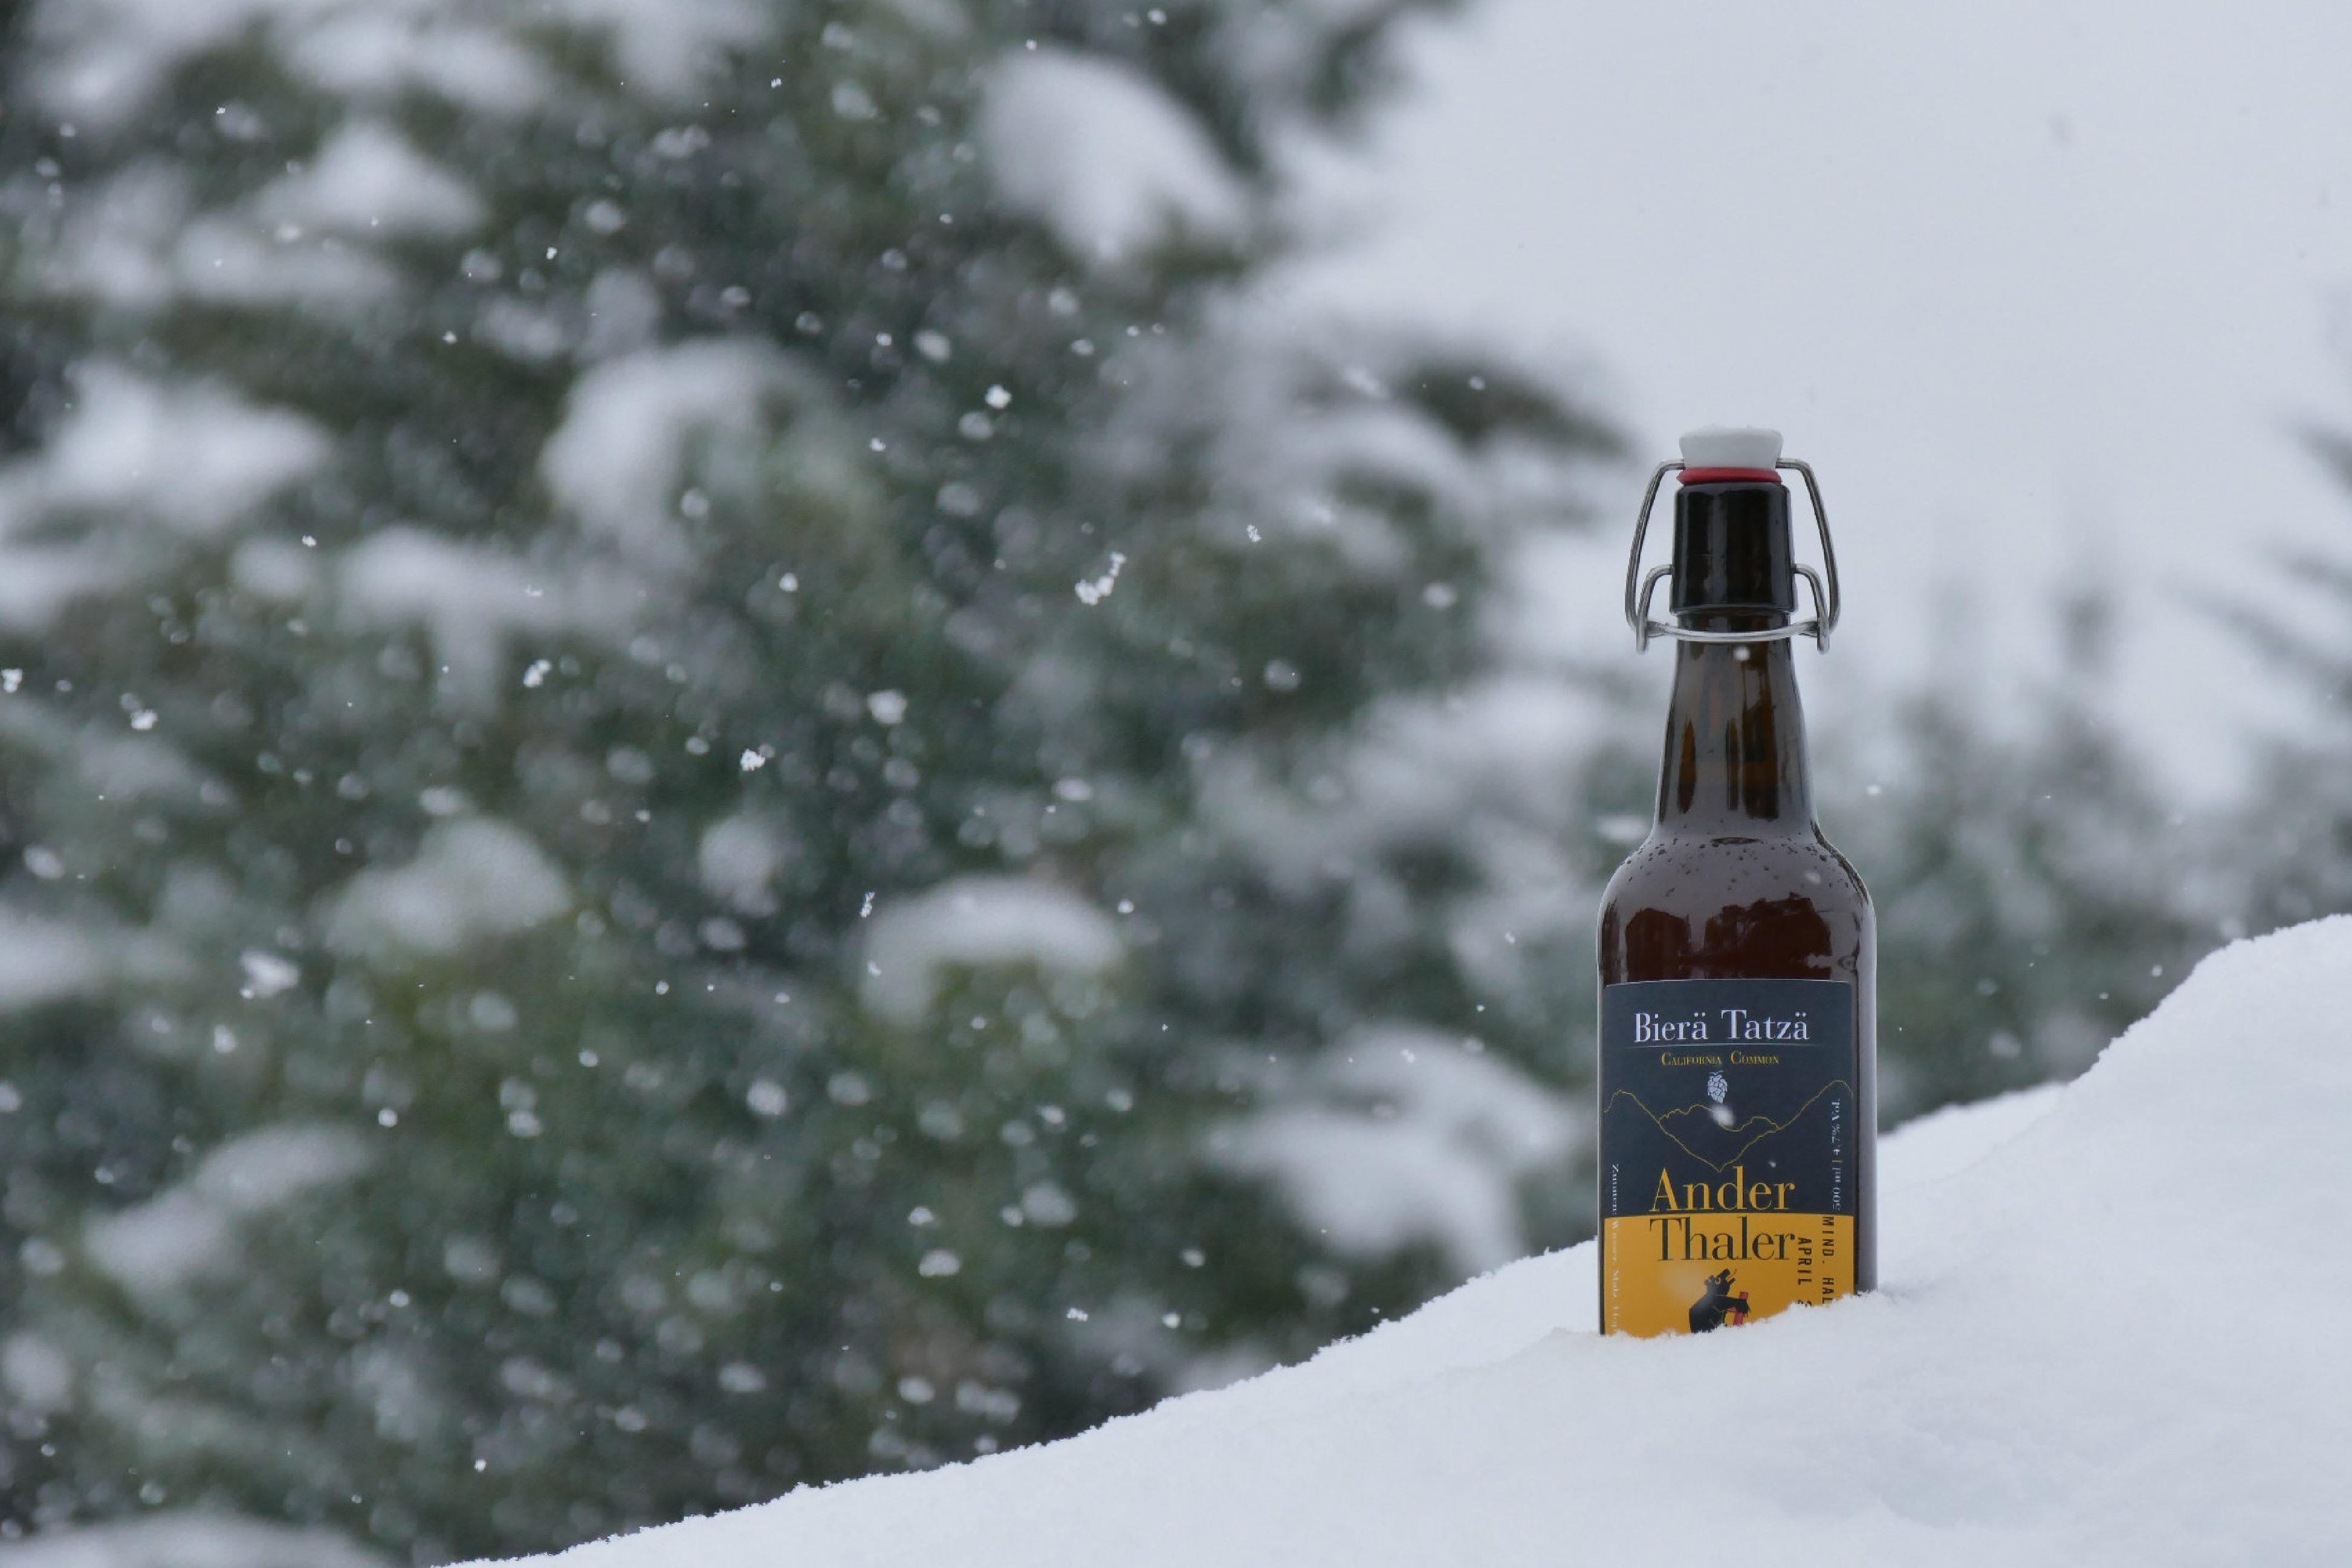 Bierä Tatzä